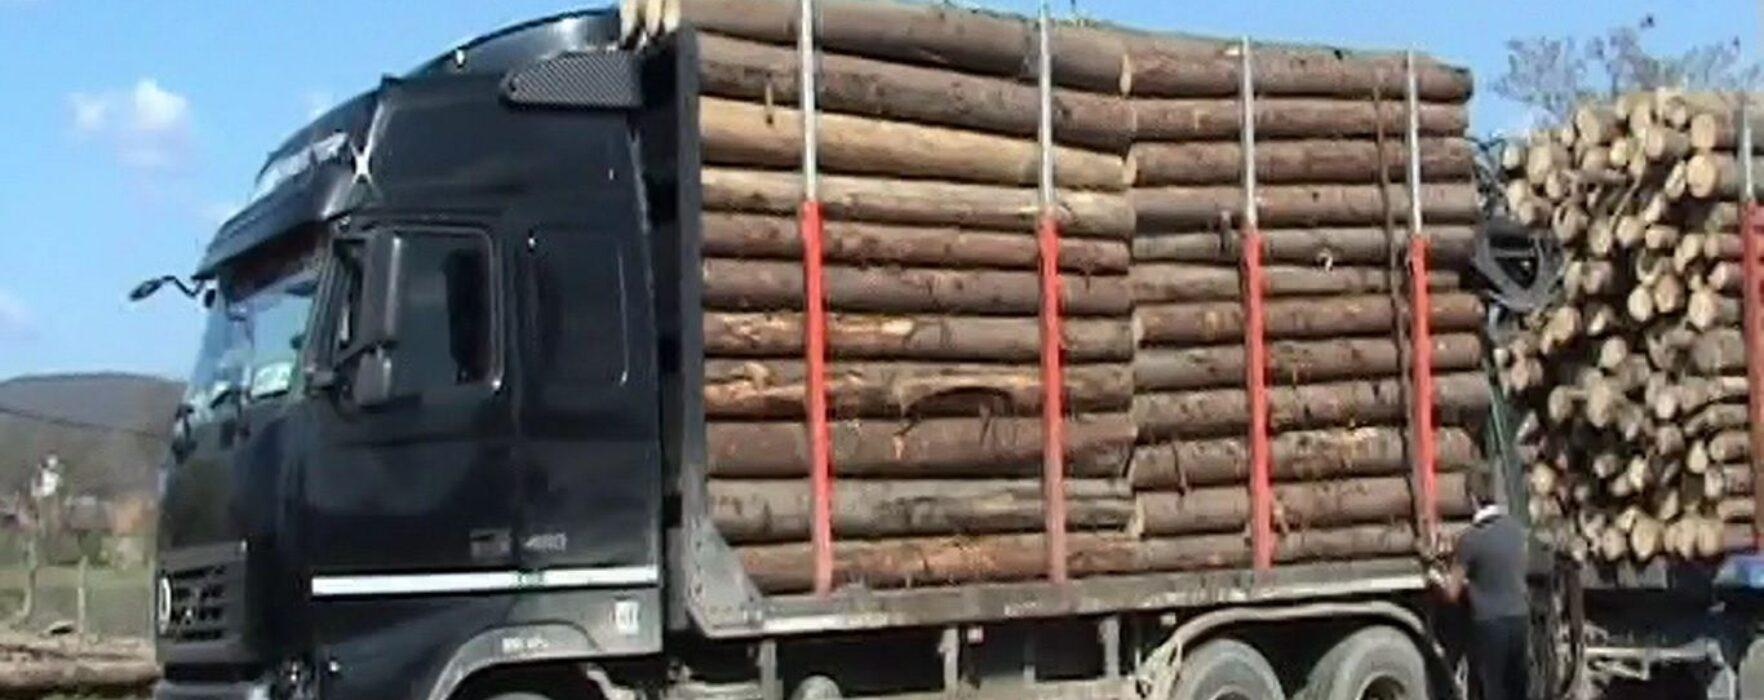 Dâmboviţa: DJ 713, monitorizat video; vizate camioanele supraîncărcate cu lemne